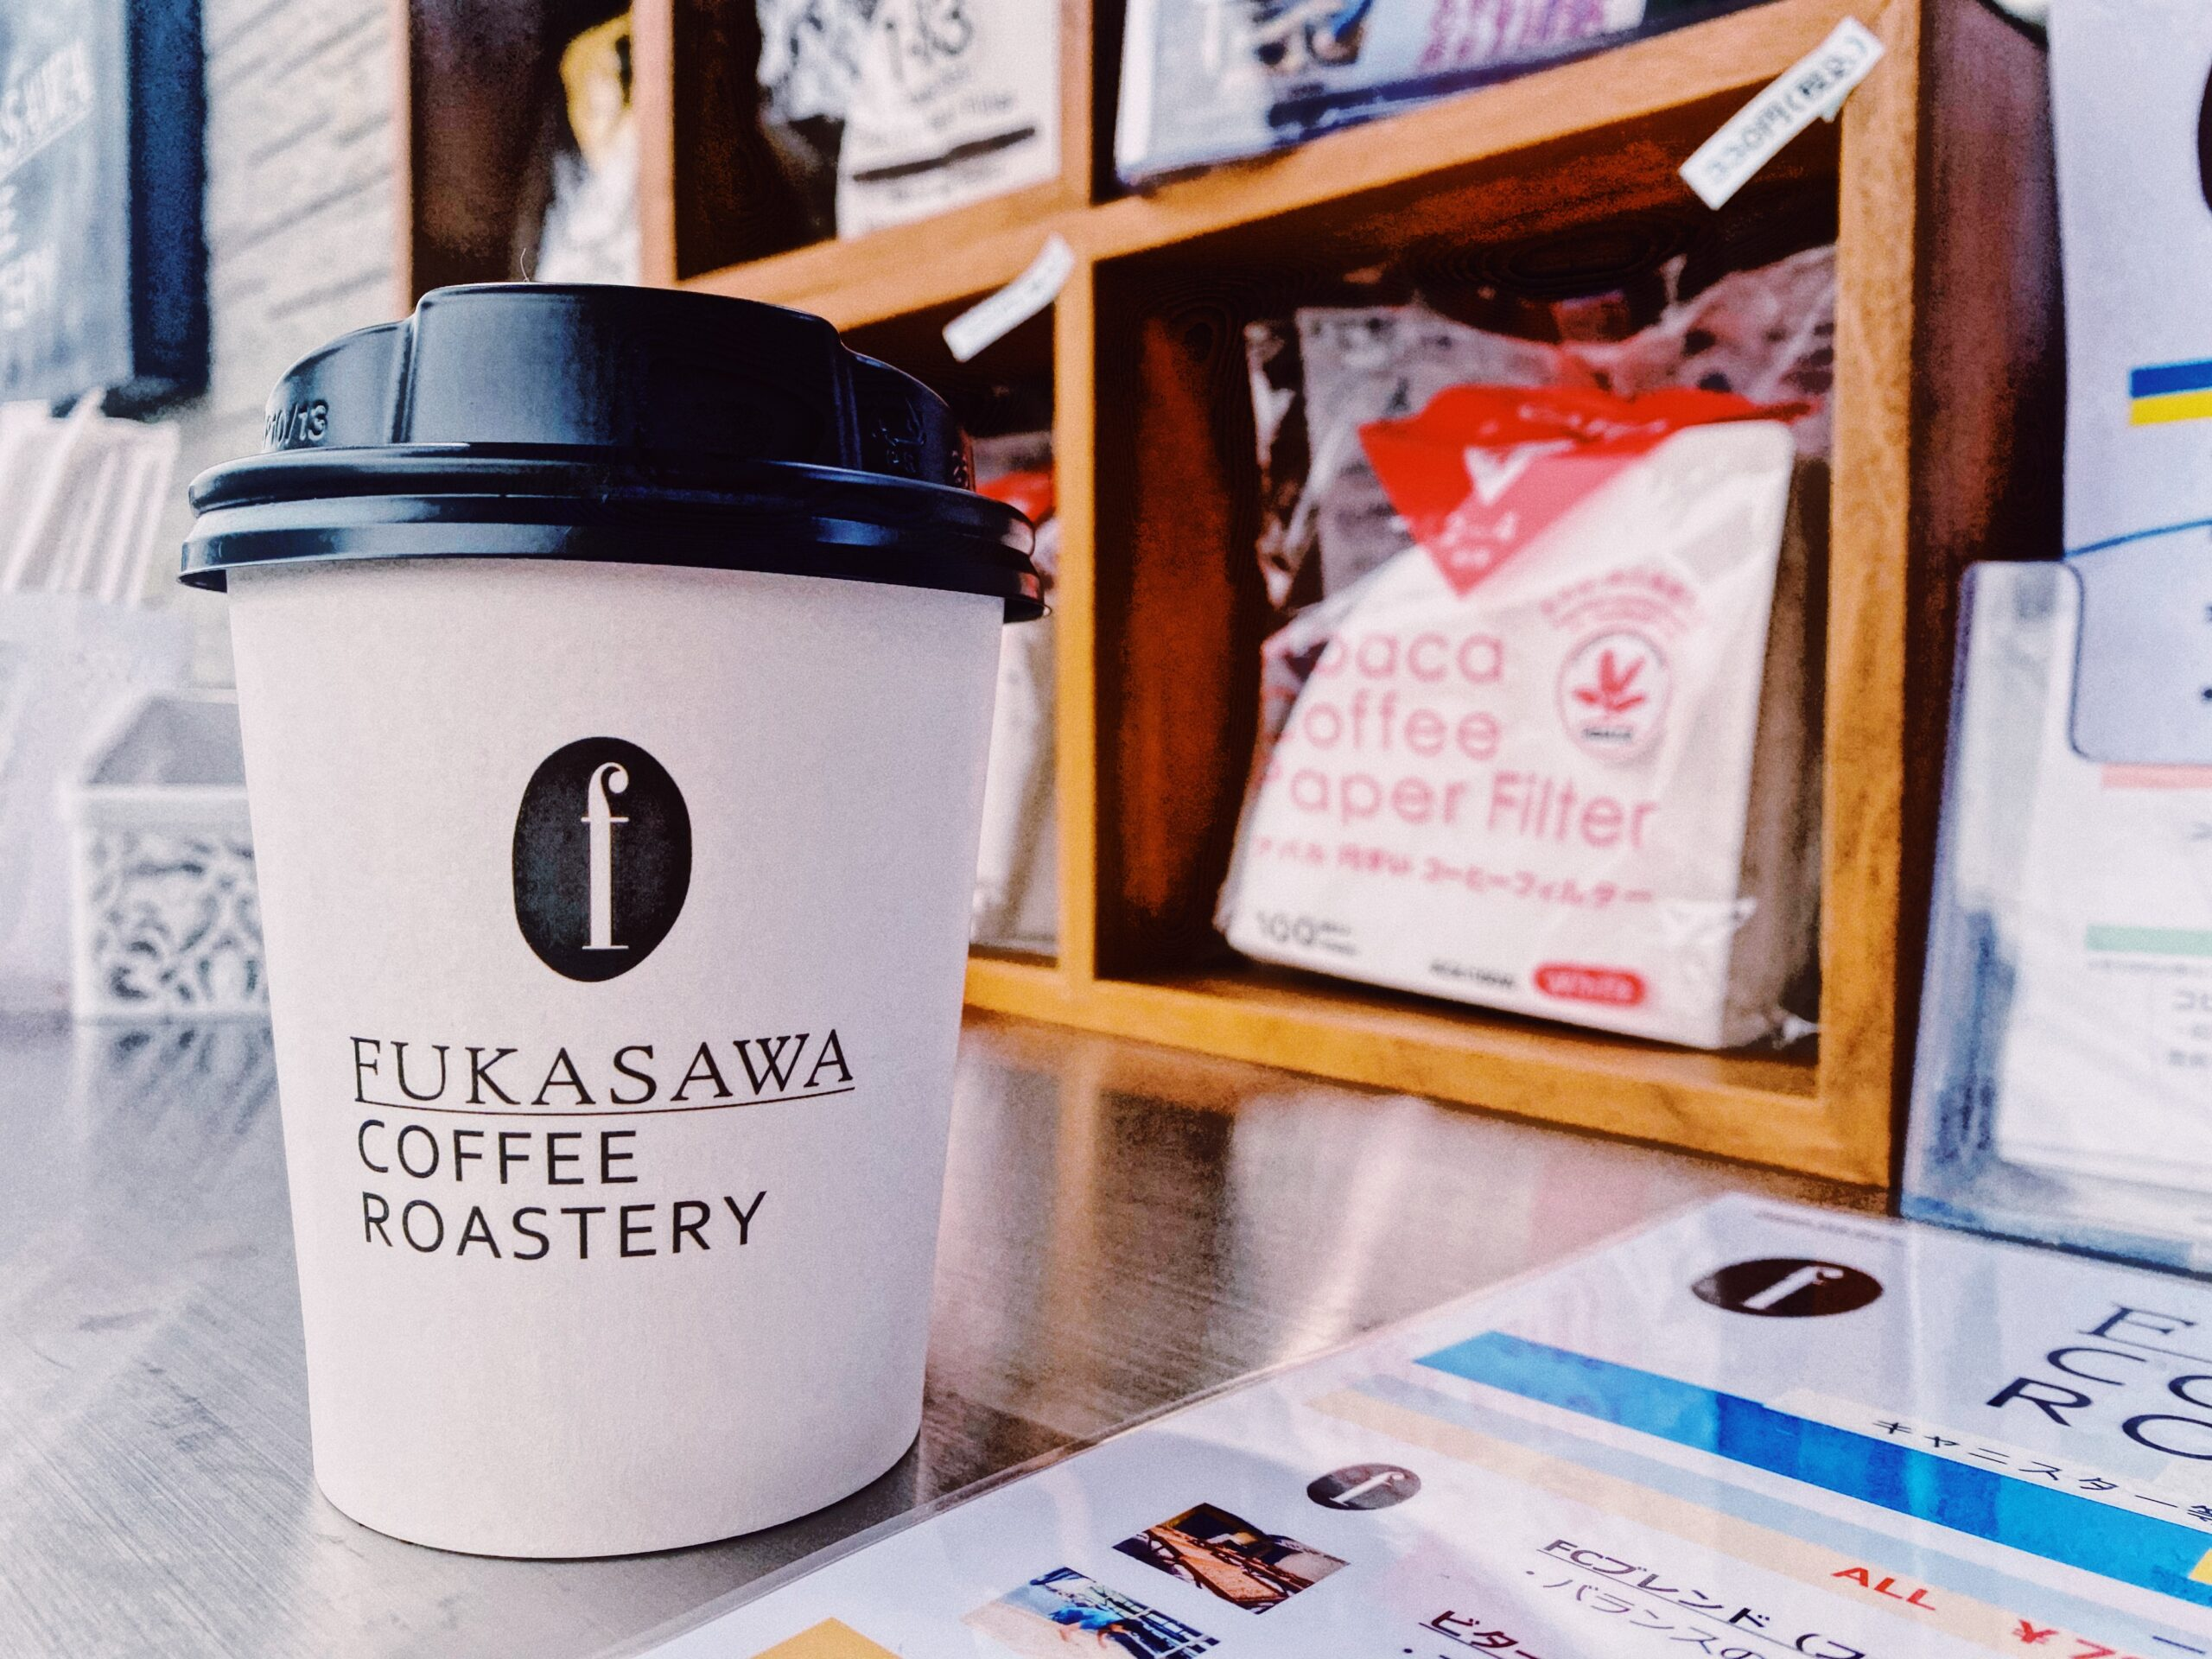 深澤コーヒー